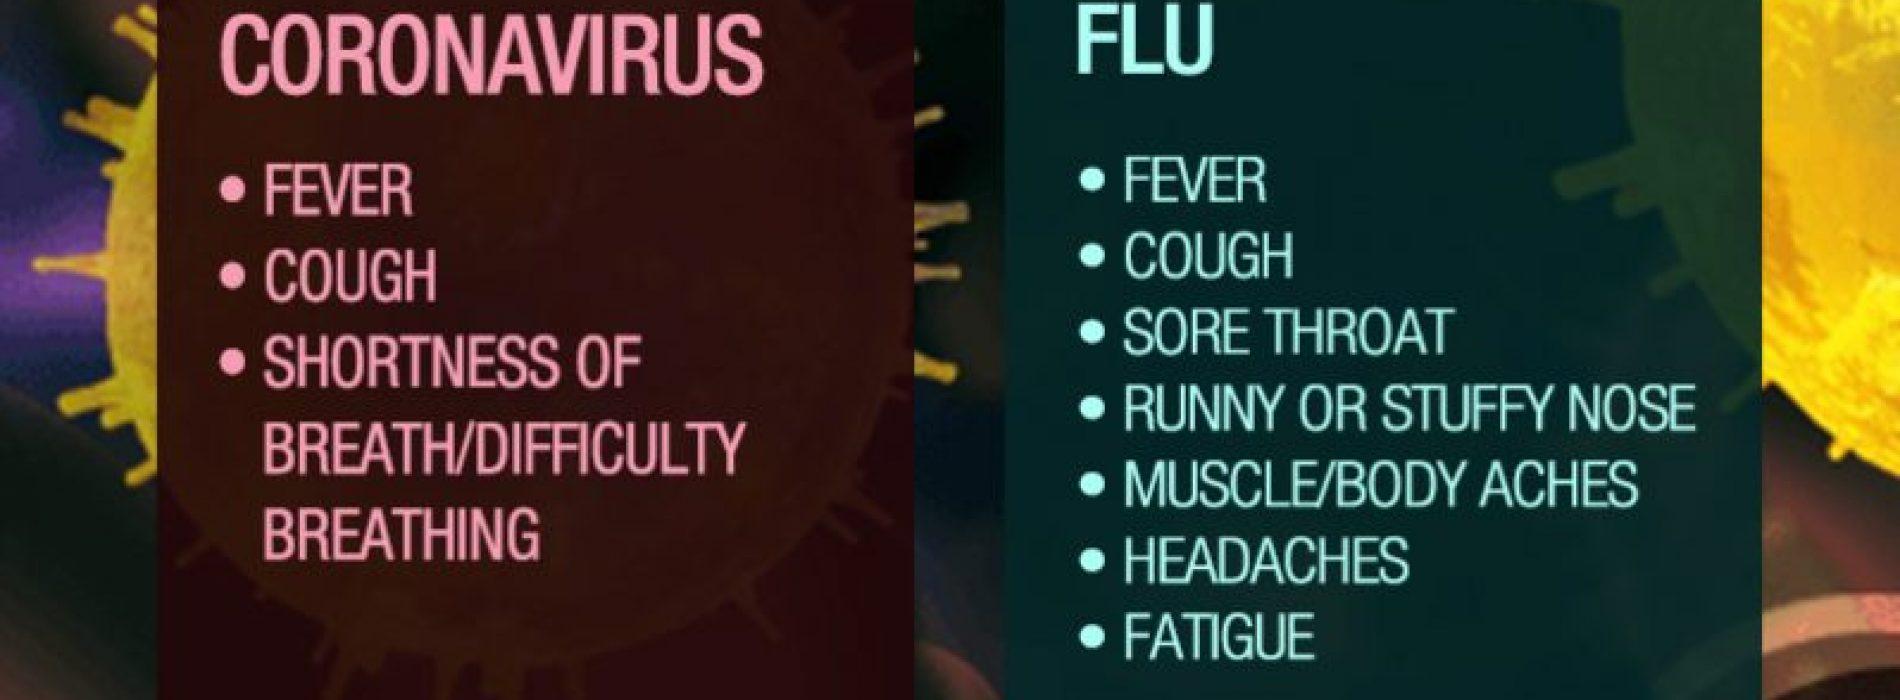 Hoe onderscheid te maken tussen het Coronavirus en griep